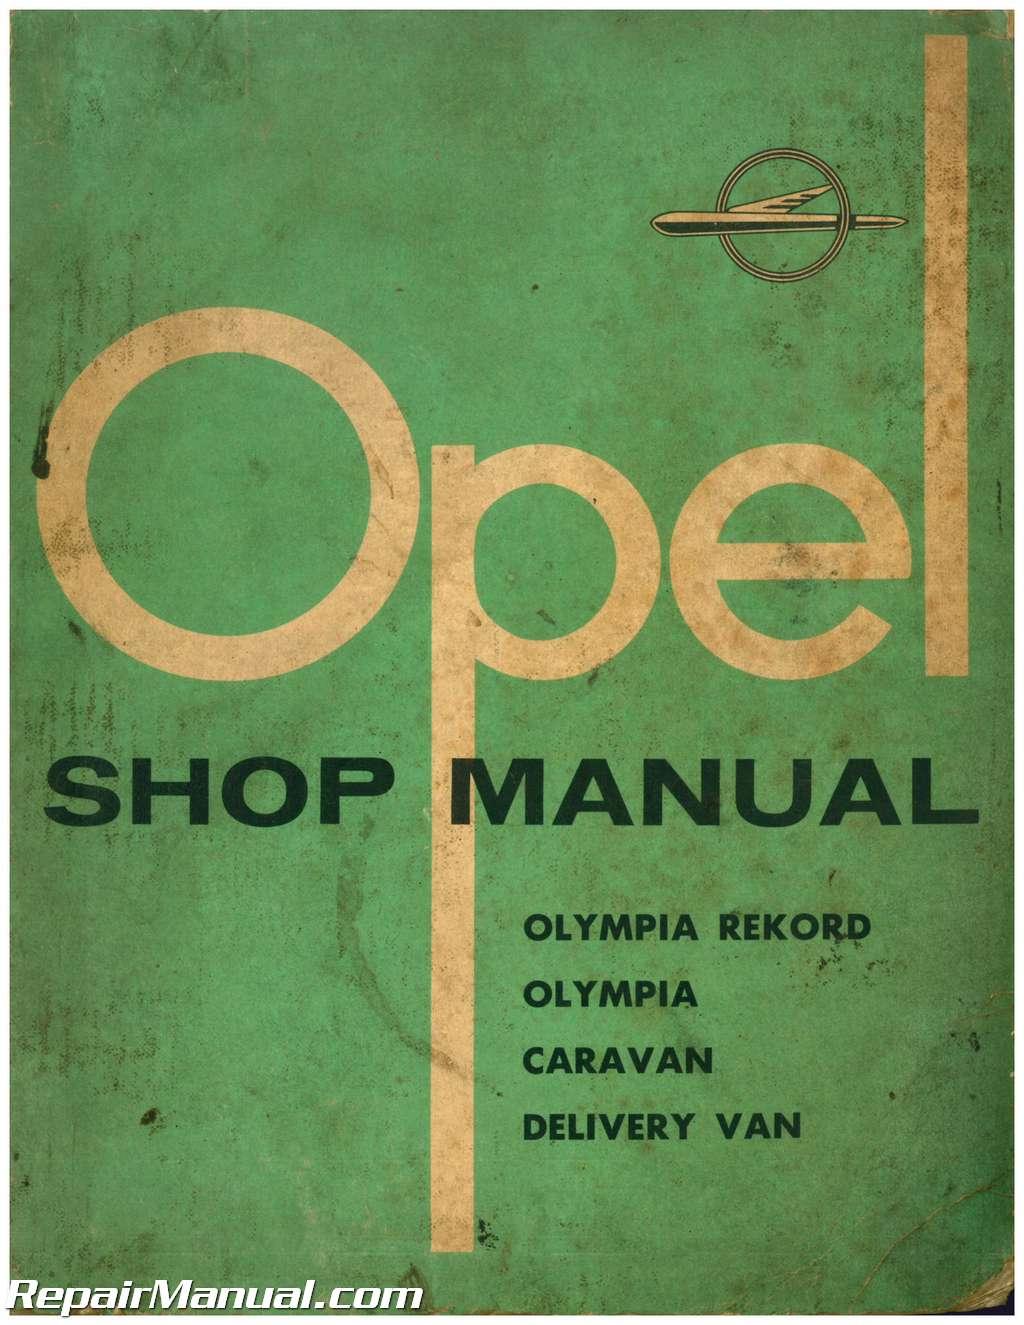 used 1958 opel service manual rh repairmanual com used shop mannequin for sale uk used shop mannequins